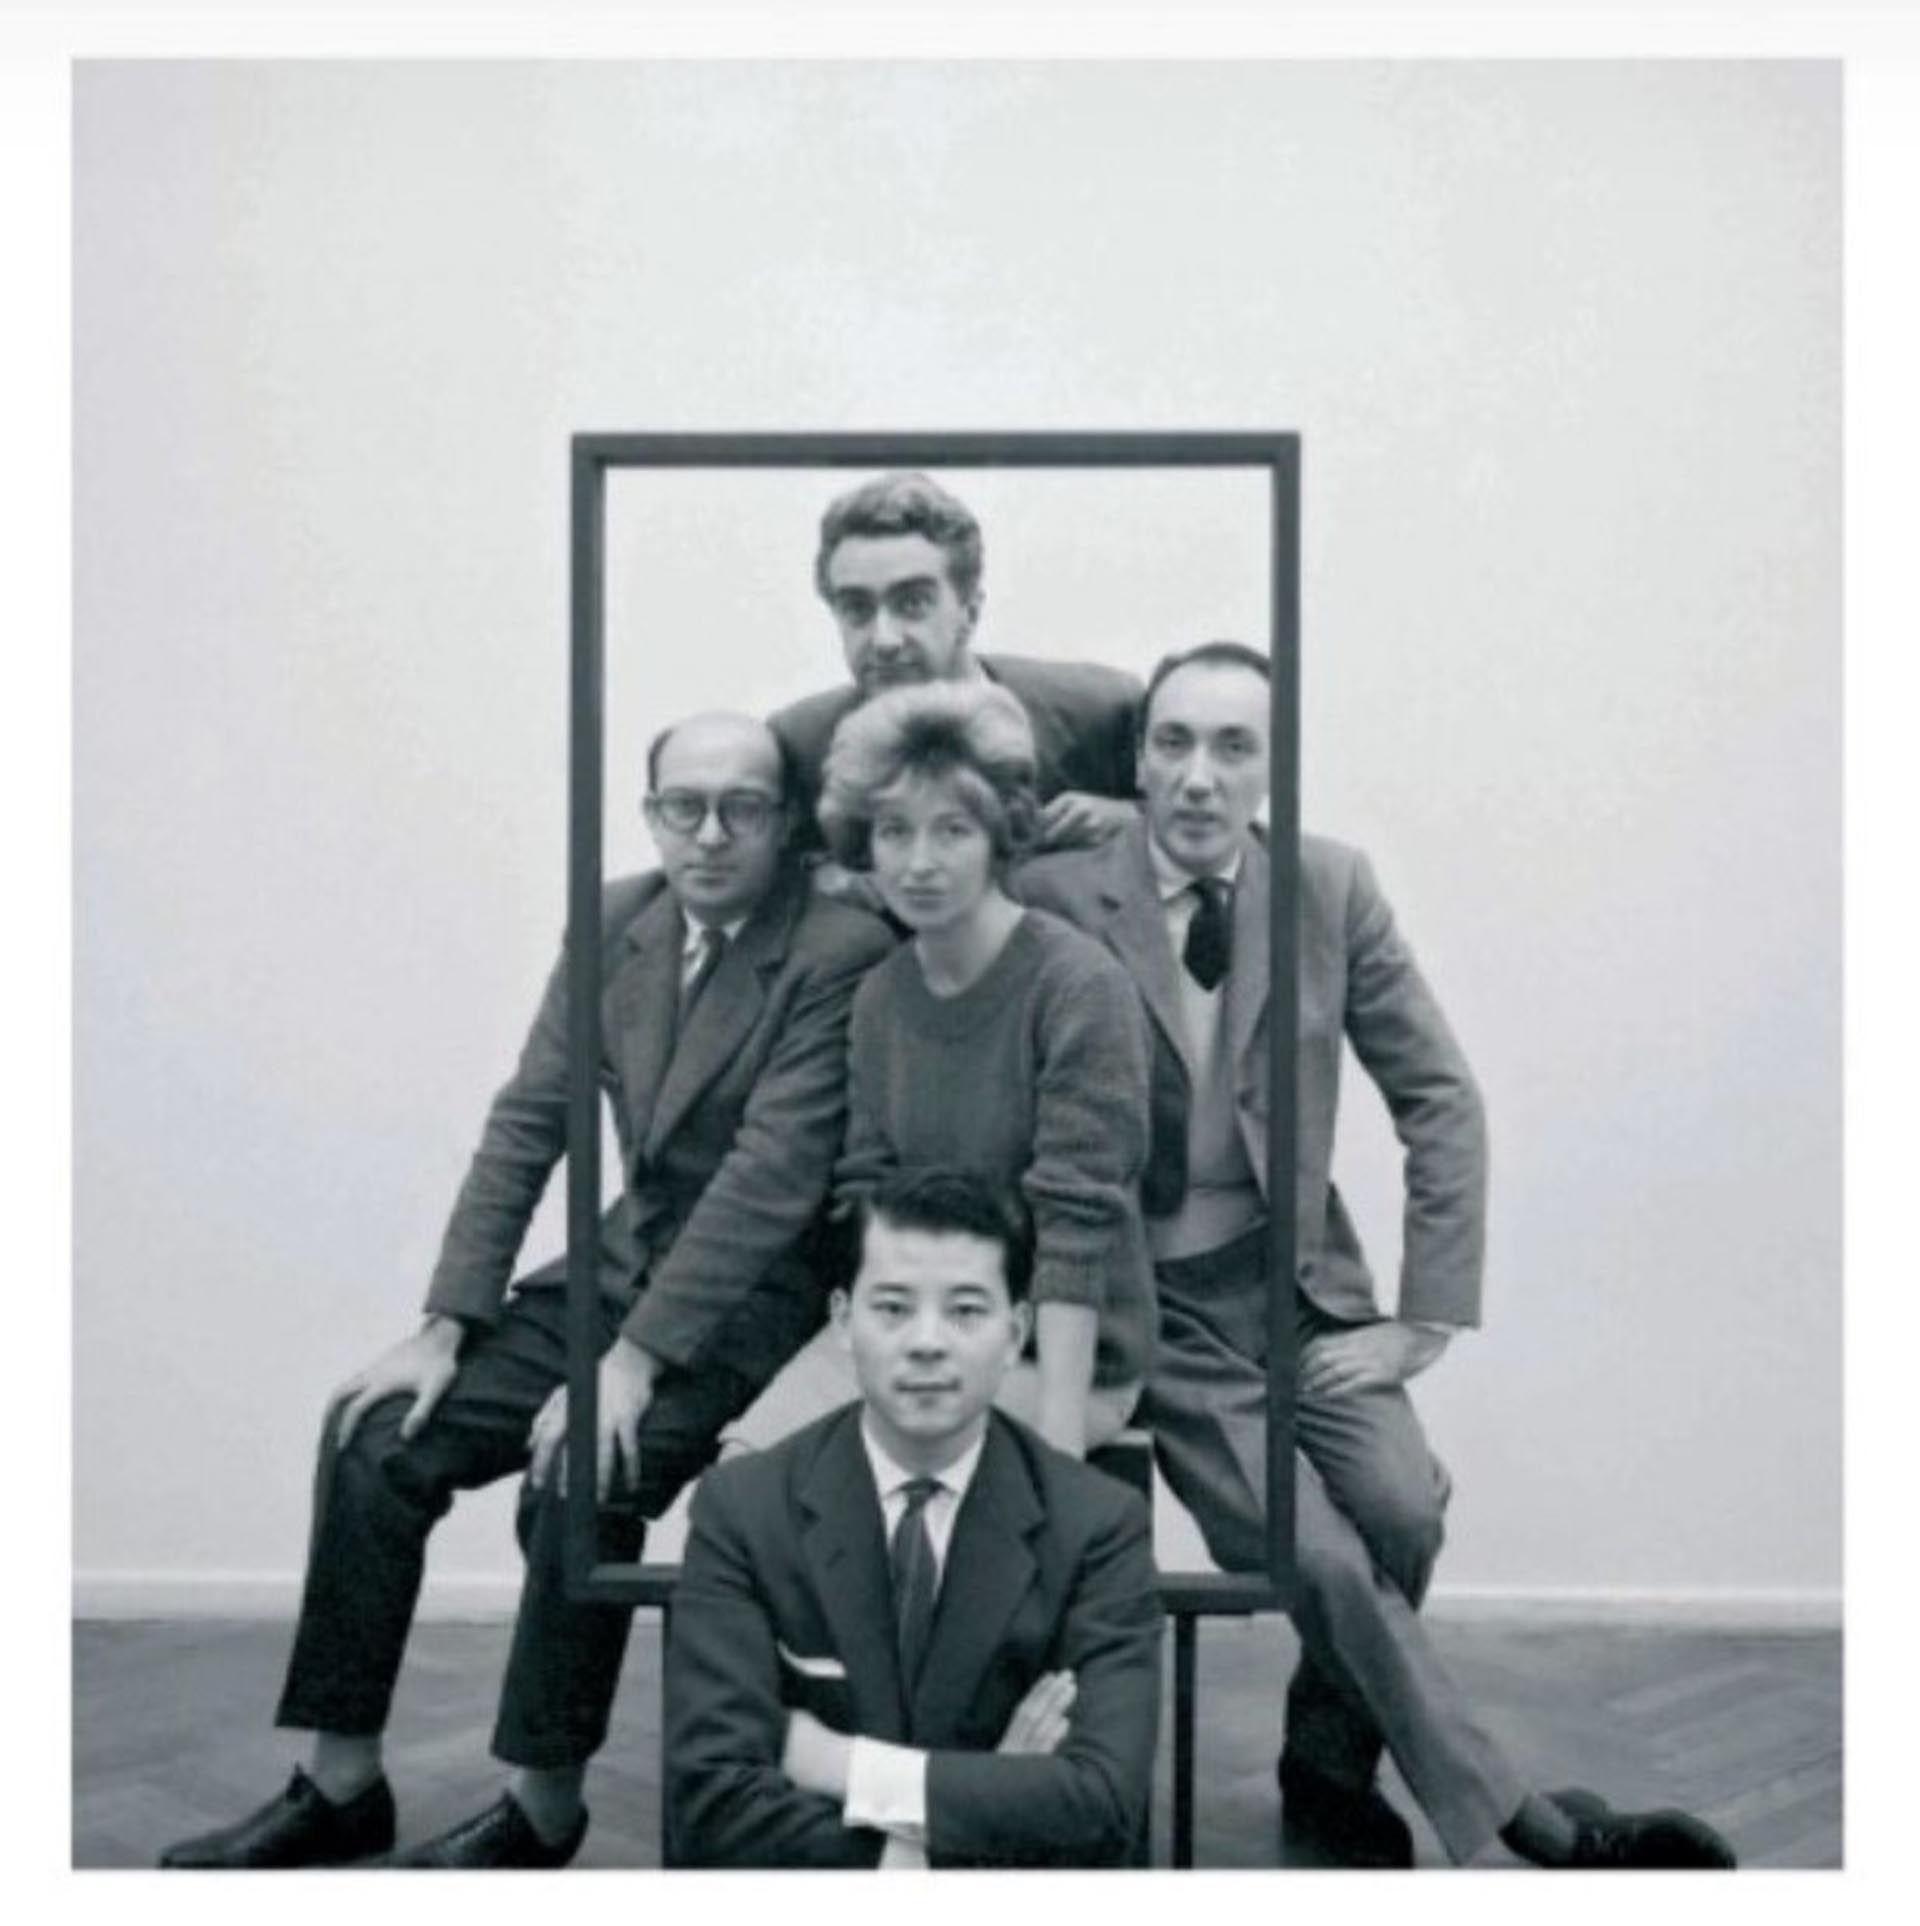 El grupo de la galería: Sakai, Testa, Fernández, Muro, Ocampo y Sarah Grilo en una muestra de pinturas de la artista